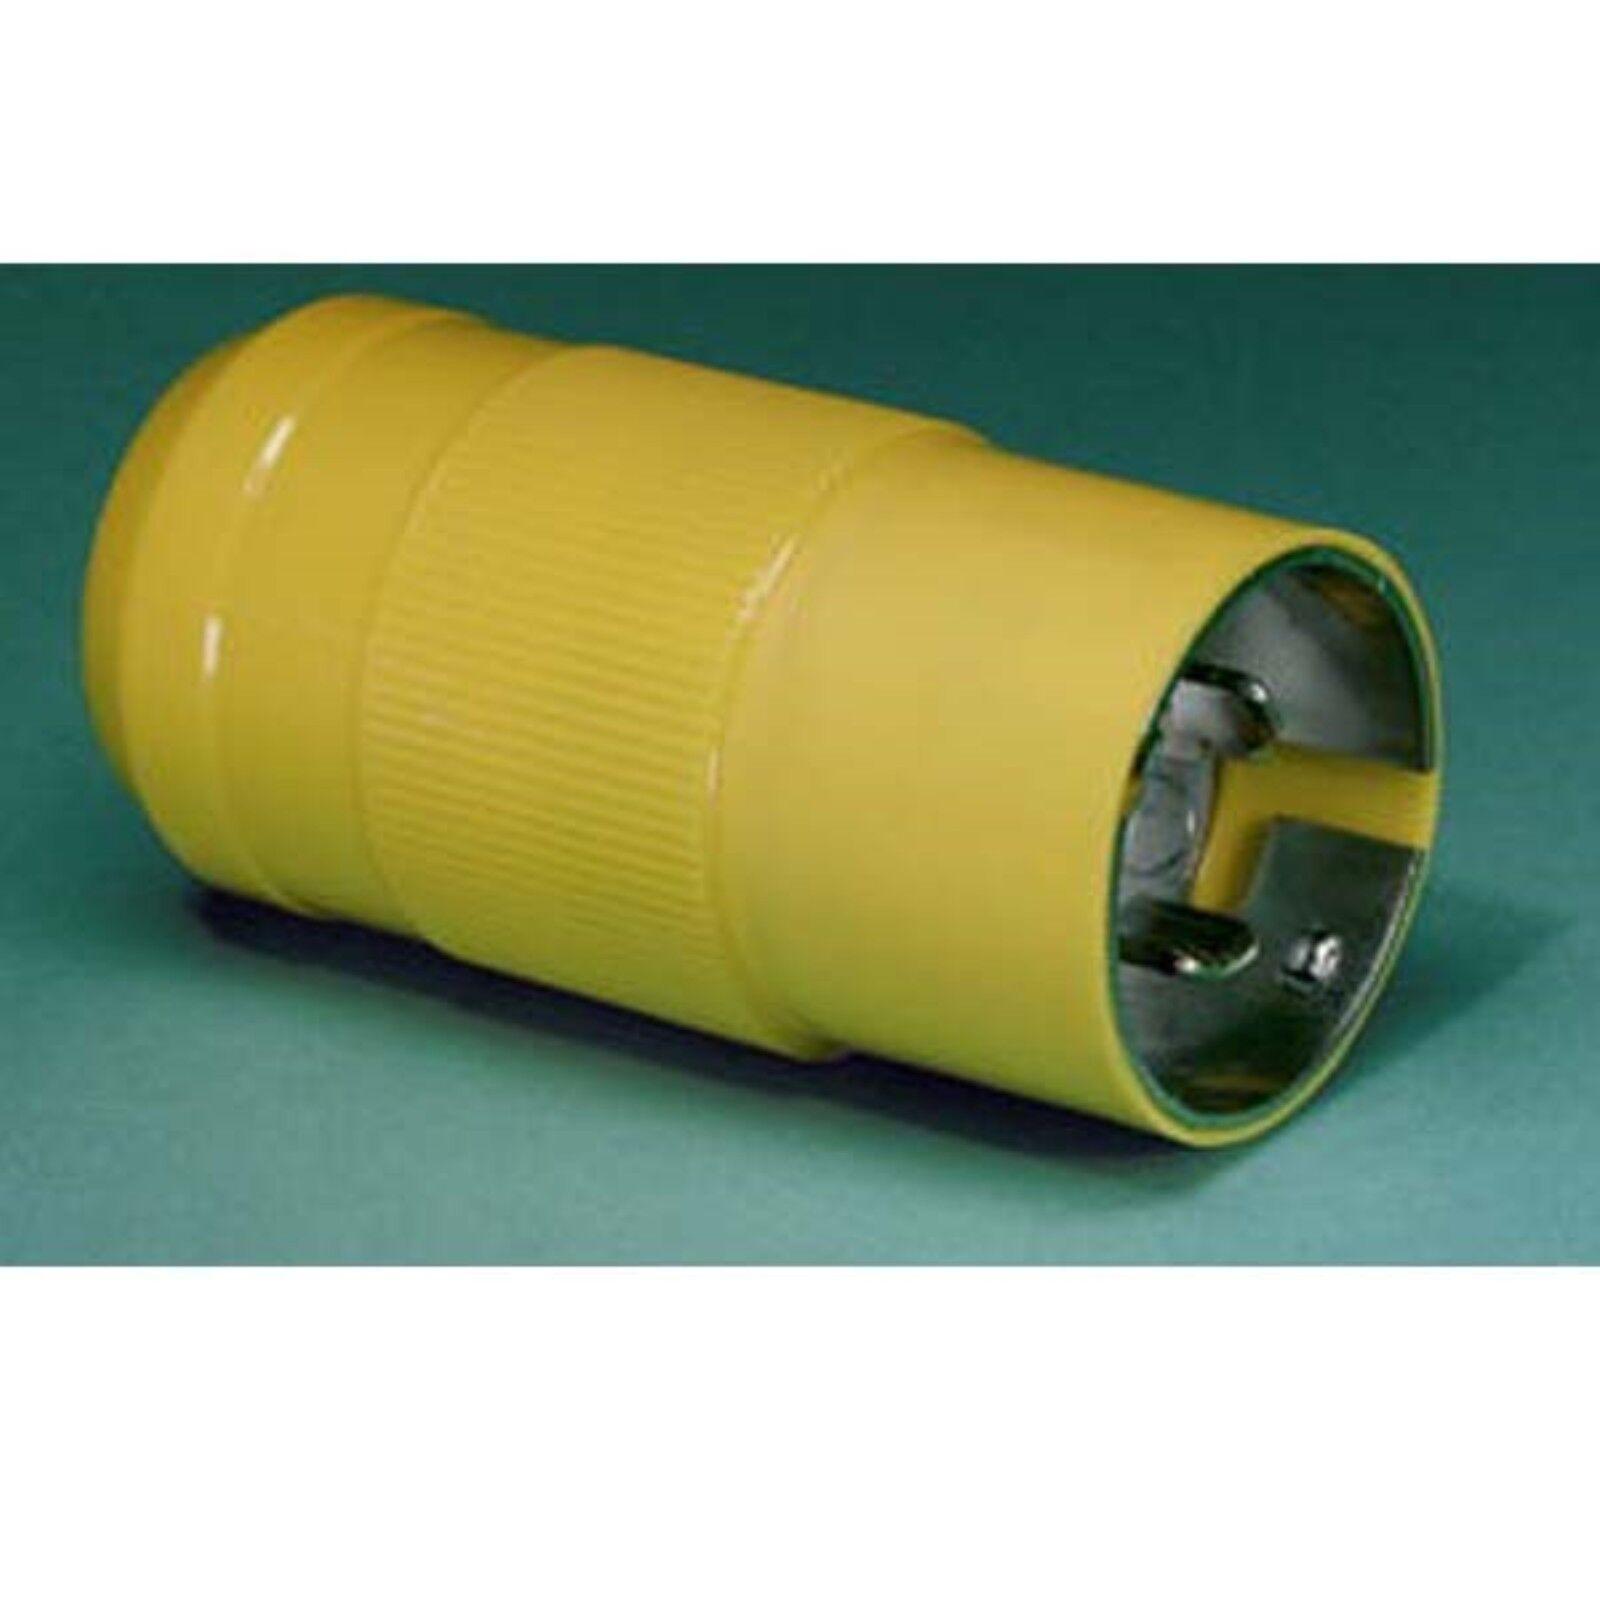 Marinco 6361crn 50a Shore Power Male Plug 125v